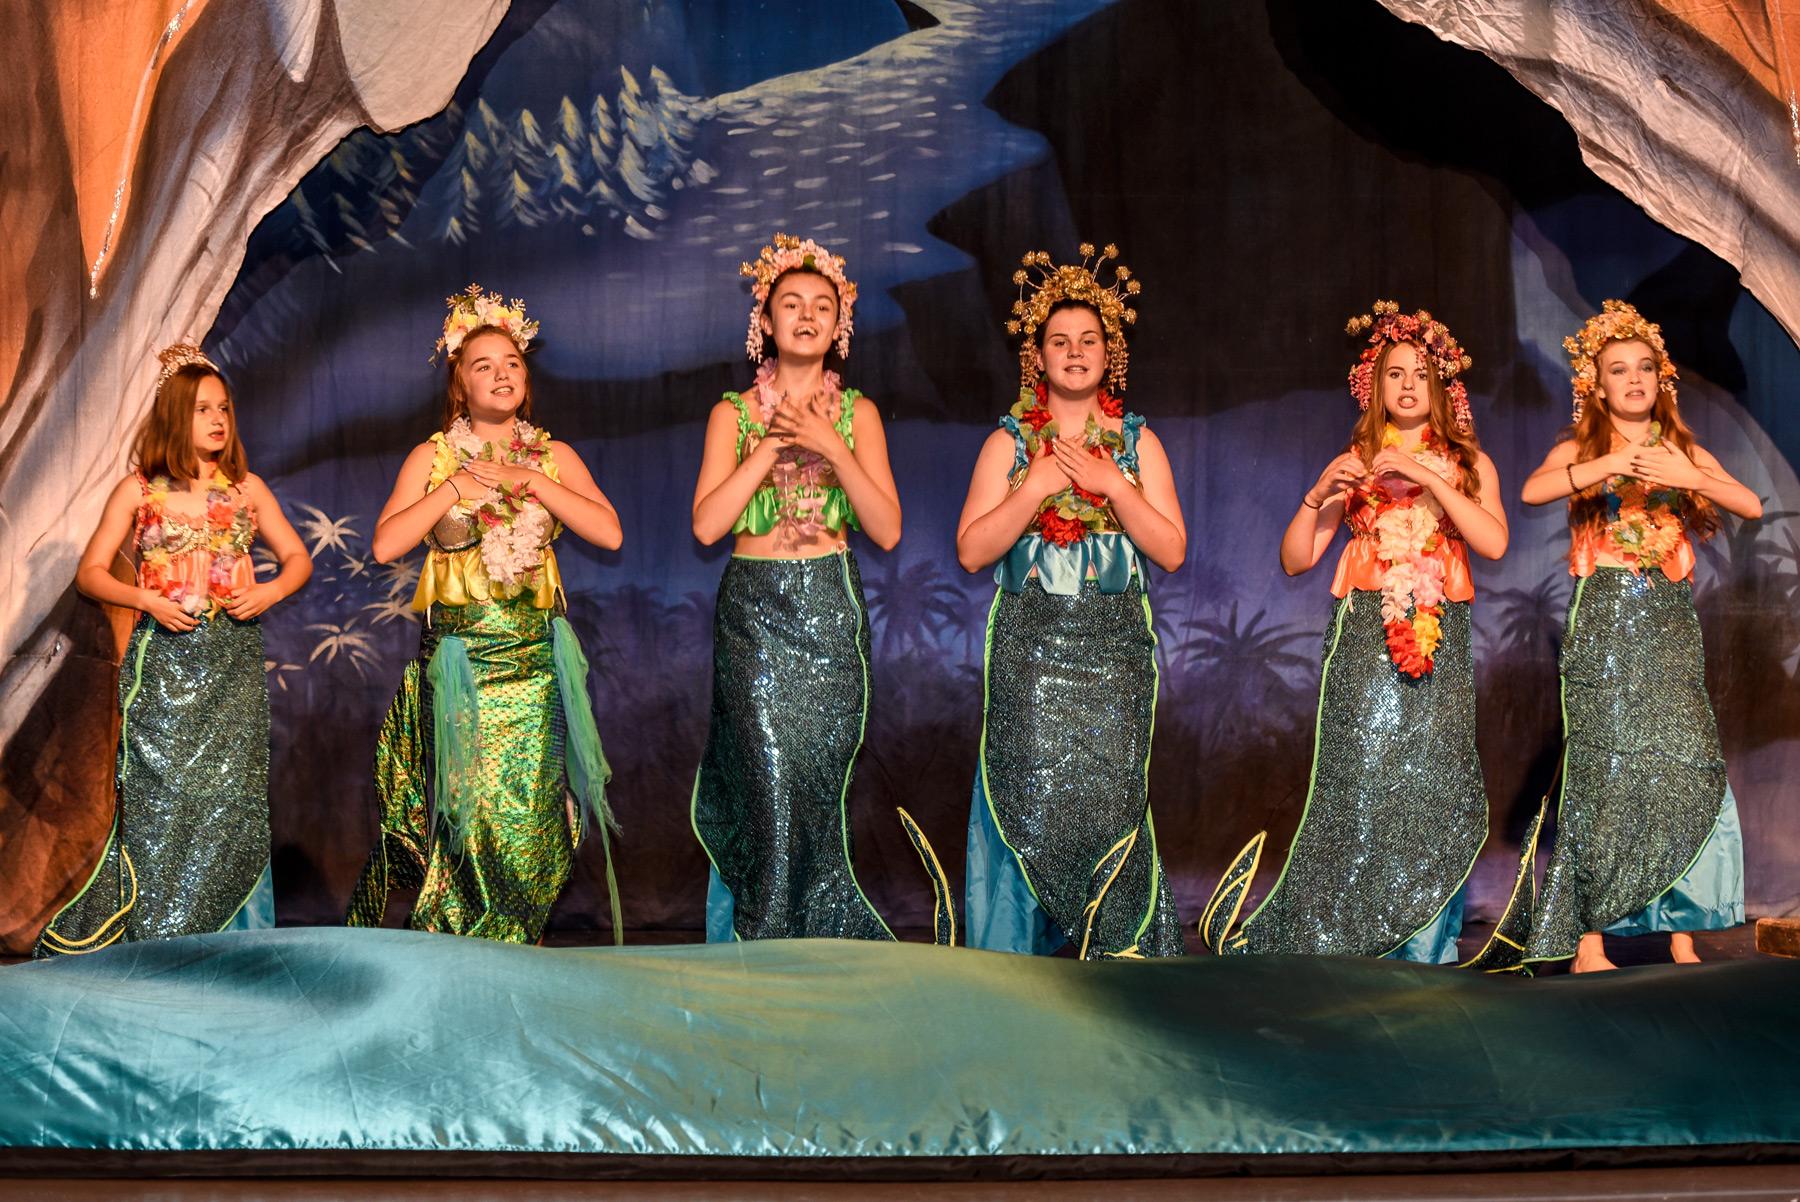 little-mermaid_DSC8411-PW.jpg